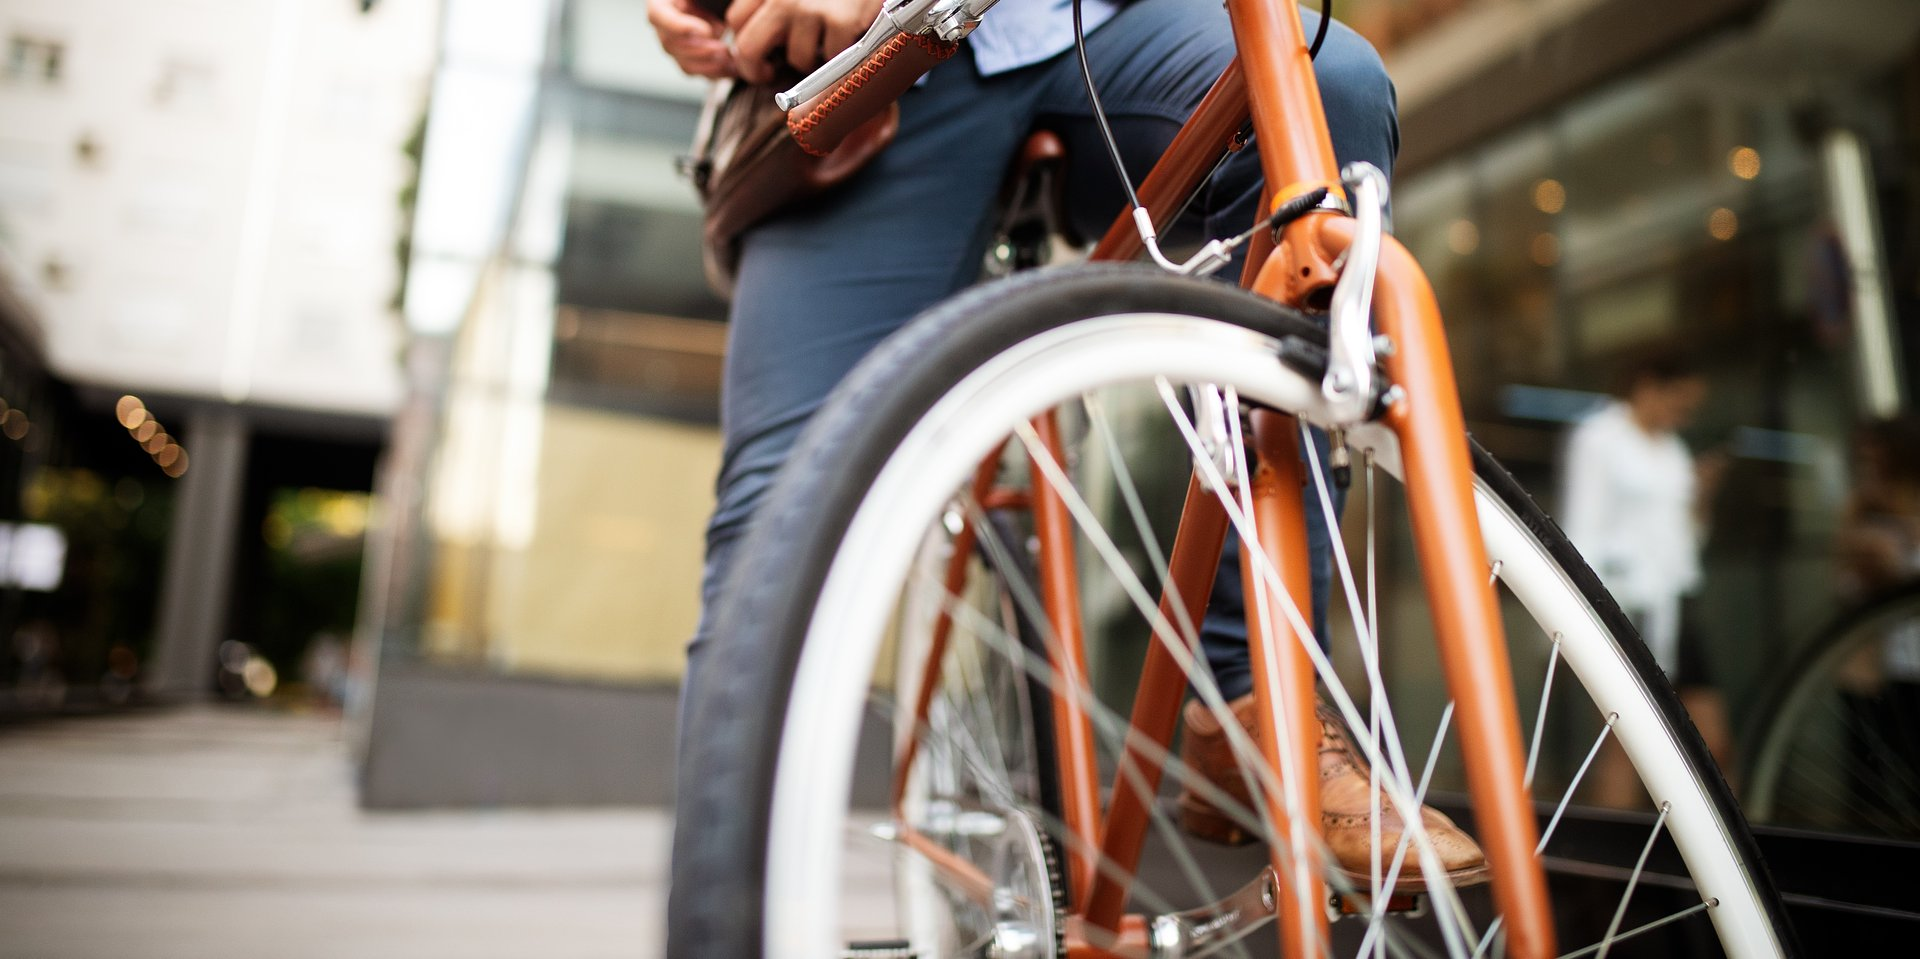 Wybierasz się na wycieczkę rowerową Zadbaj o kask